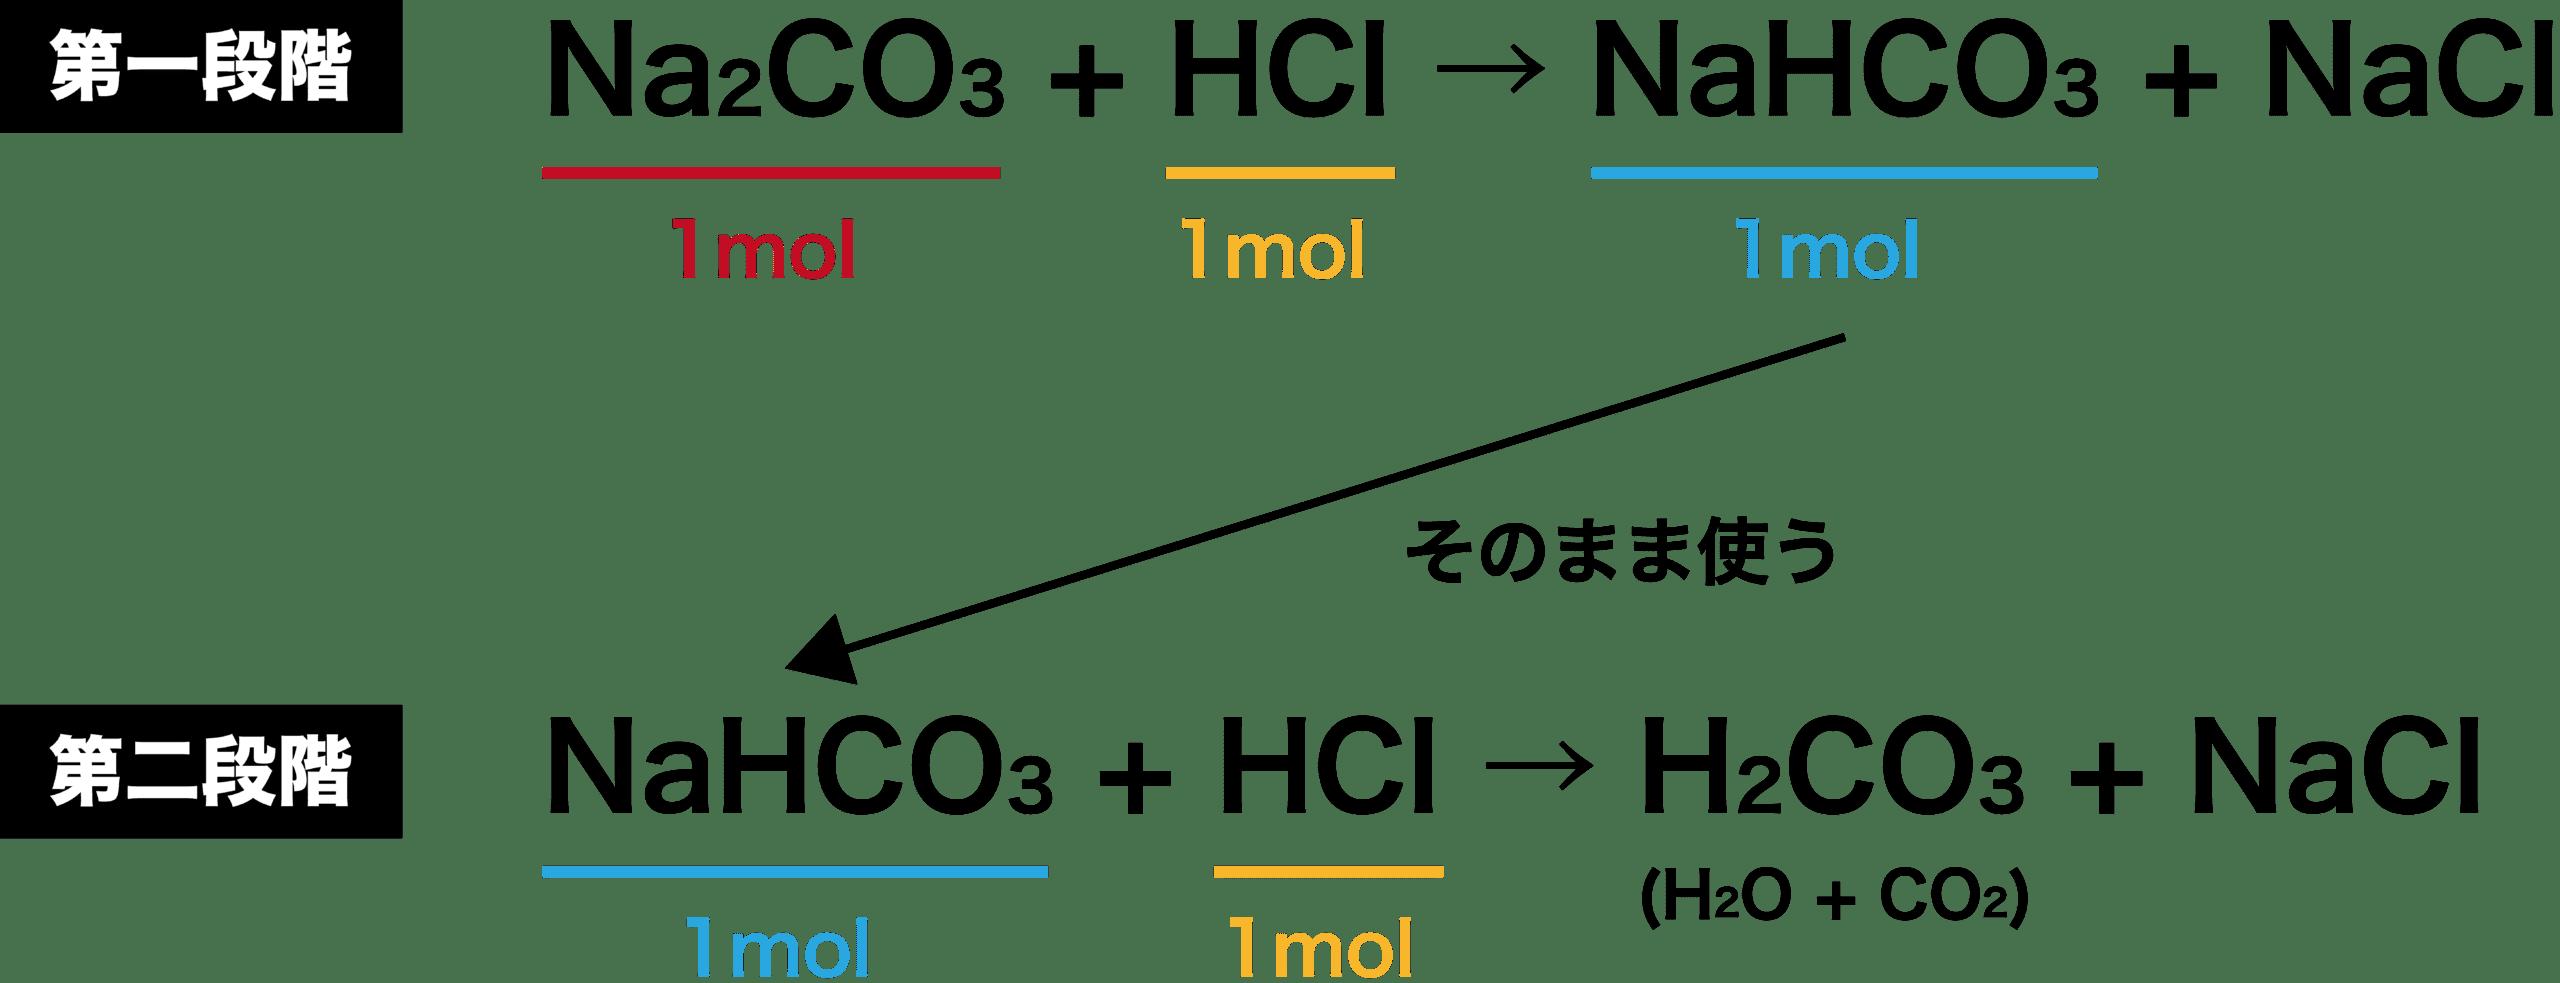 炭酸 水素 ナトリウム 化学式